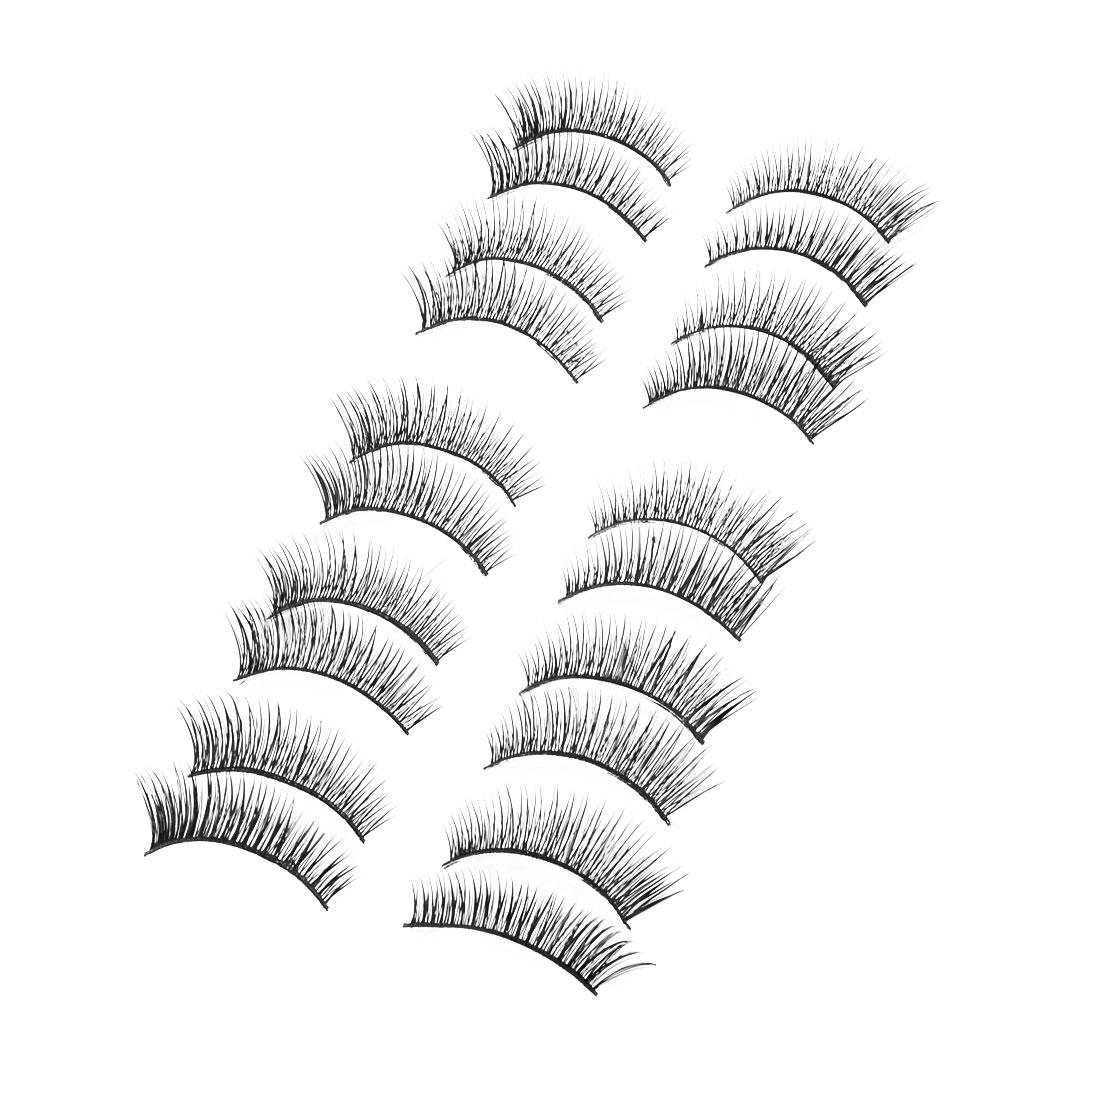 Ladies Nylon Big Eyes Cosmetic Thick Curly Lashes False Eyelashes Black 10 Pairs